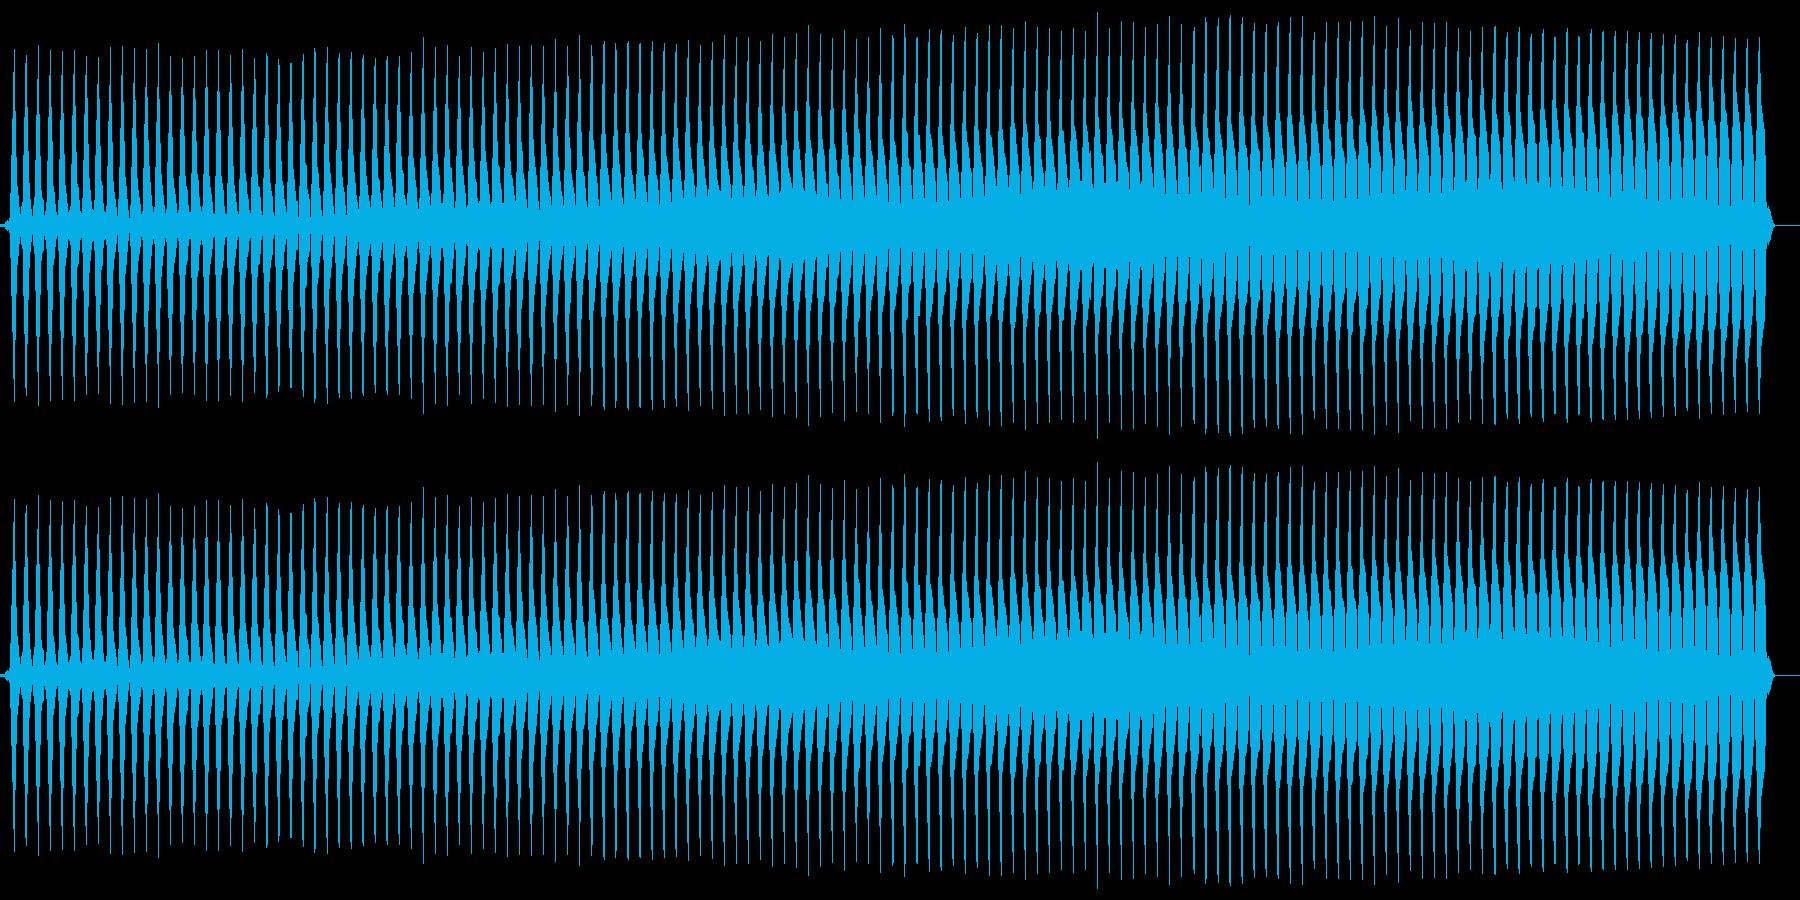 ブー。クイズ不正解/ブザー音の再生済みの波形